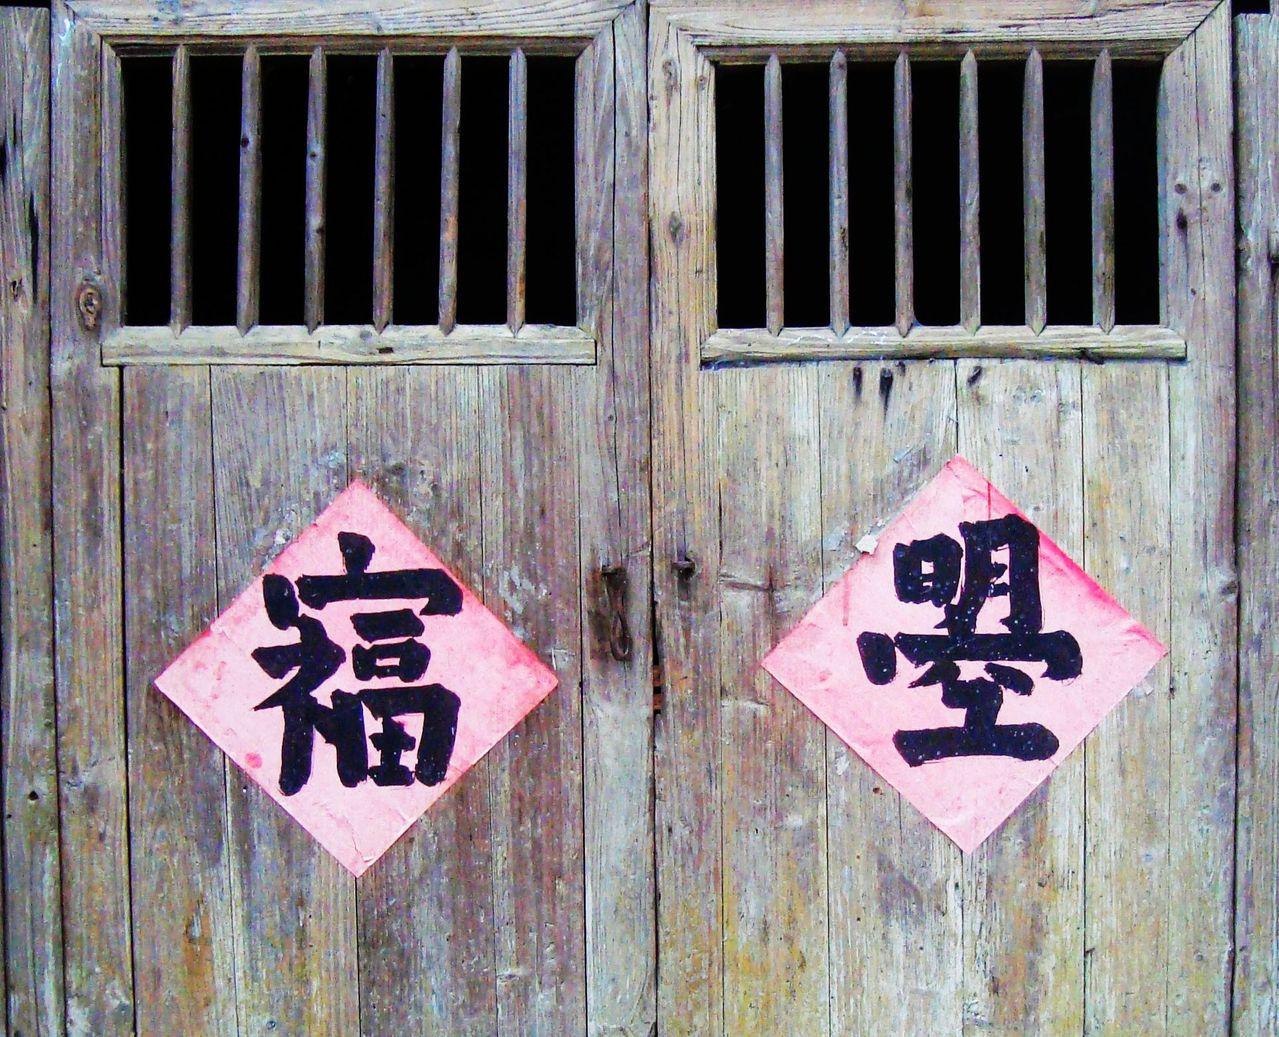 下面四个点是什么字_63 2007-05-14 宝盖头去一点下面加一个几字是什么字 15 2010-01-12